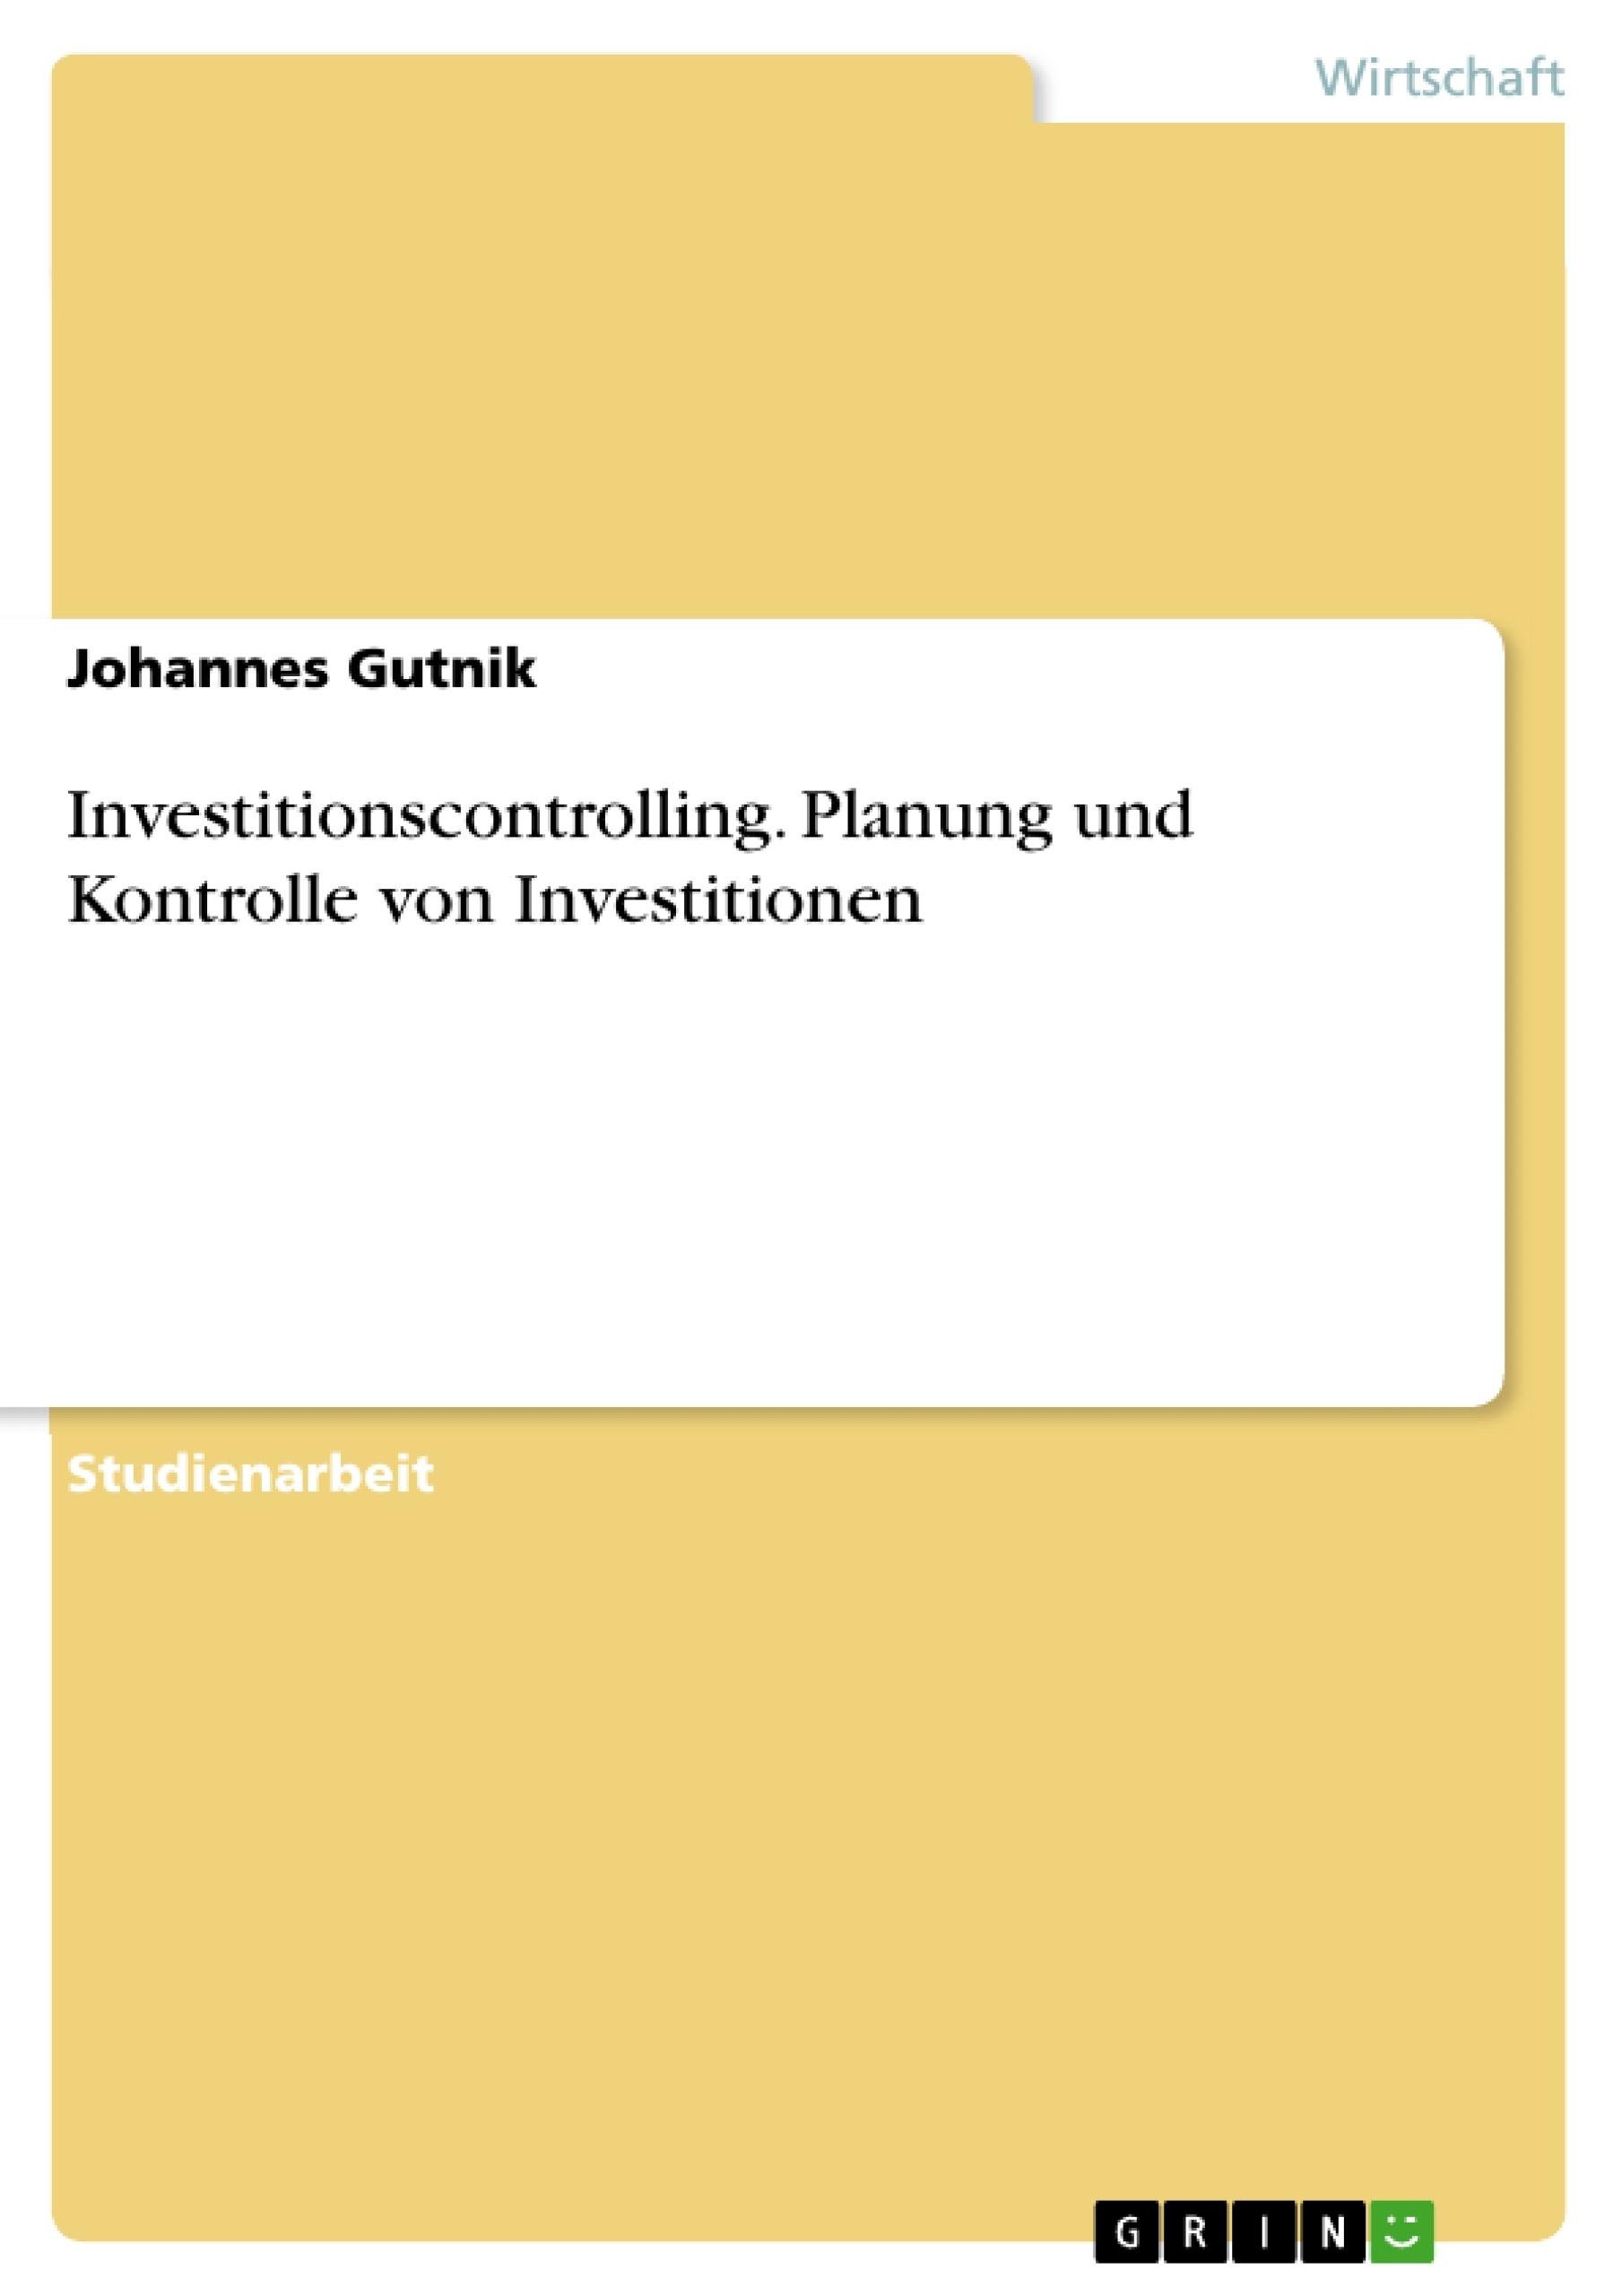 Titel: Investitionscontrolling. Planung und Kontrolle von Investitionen